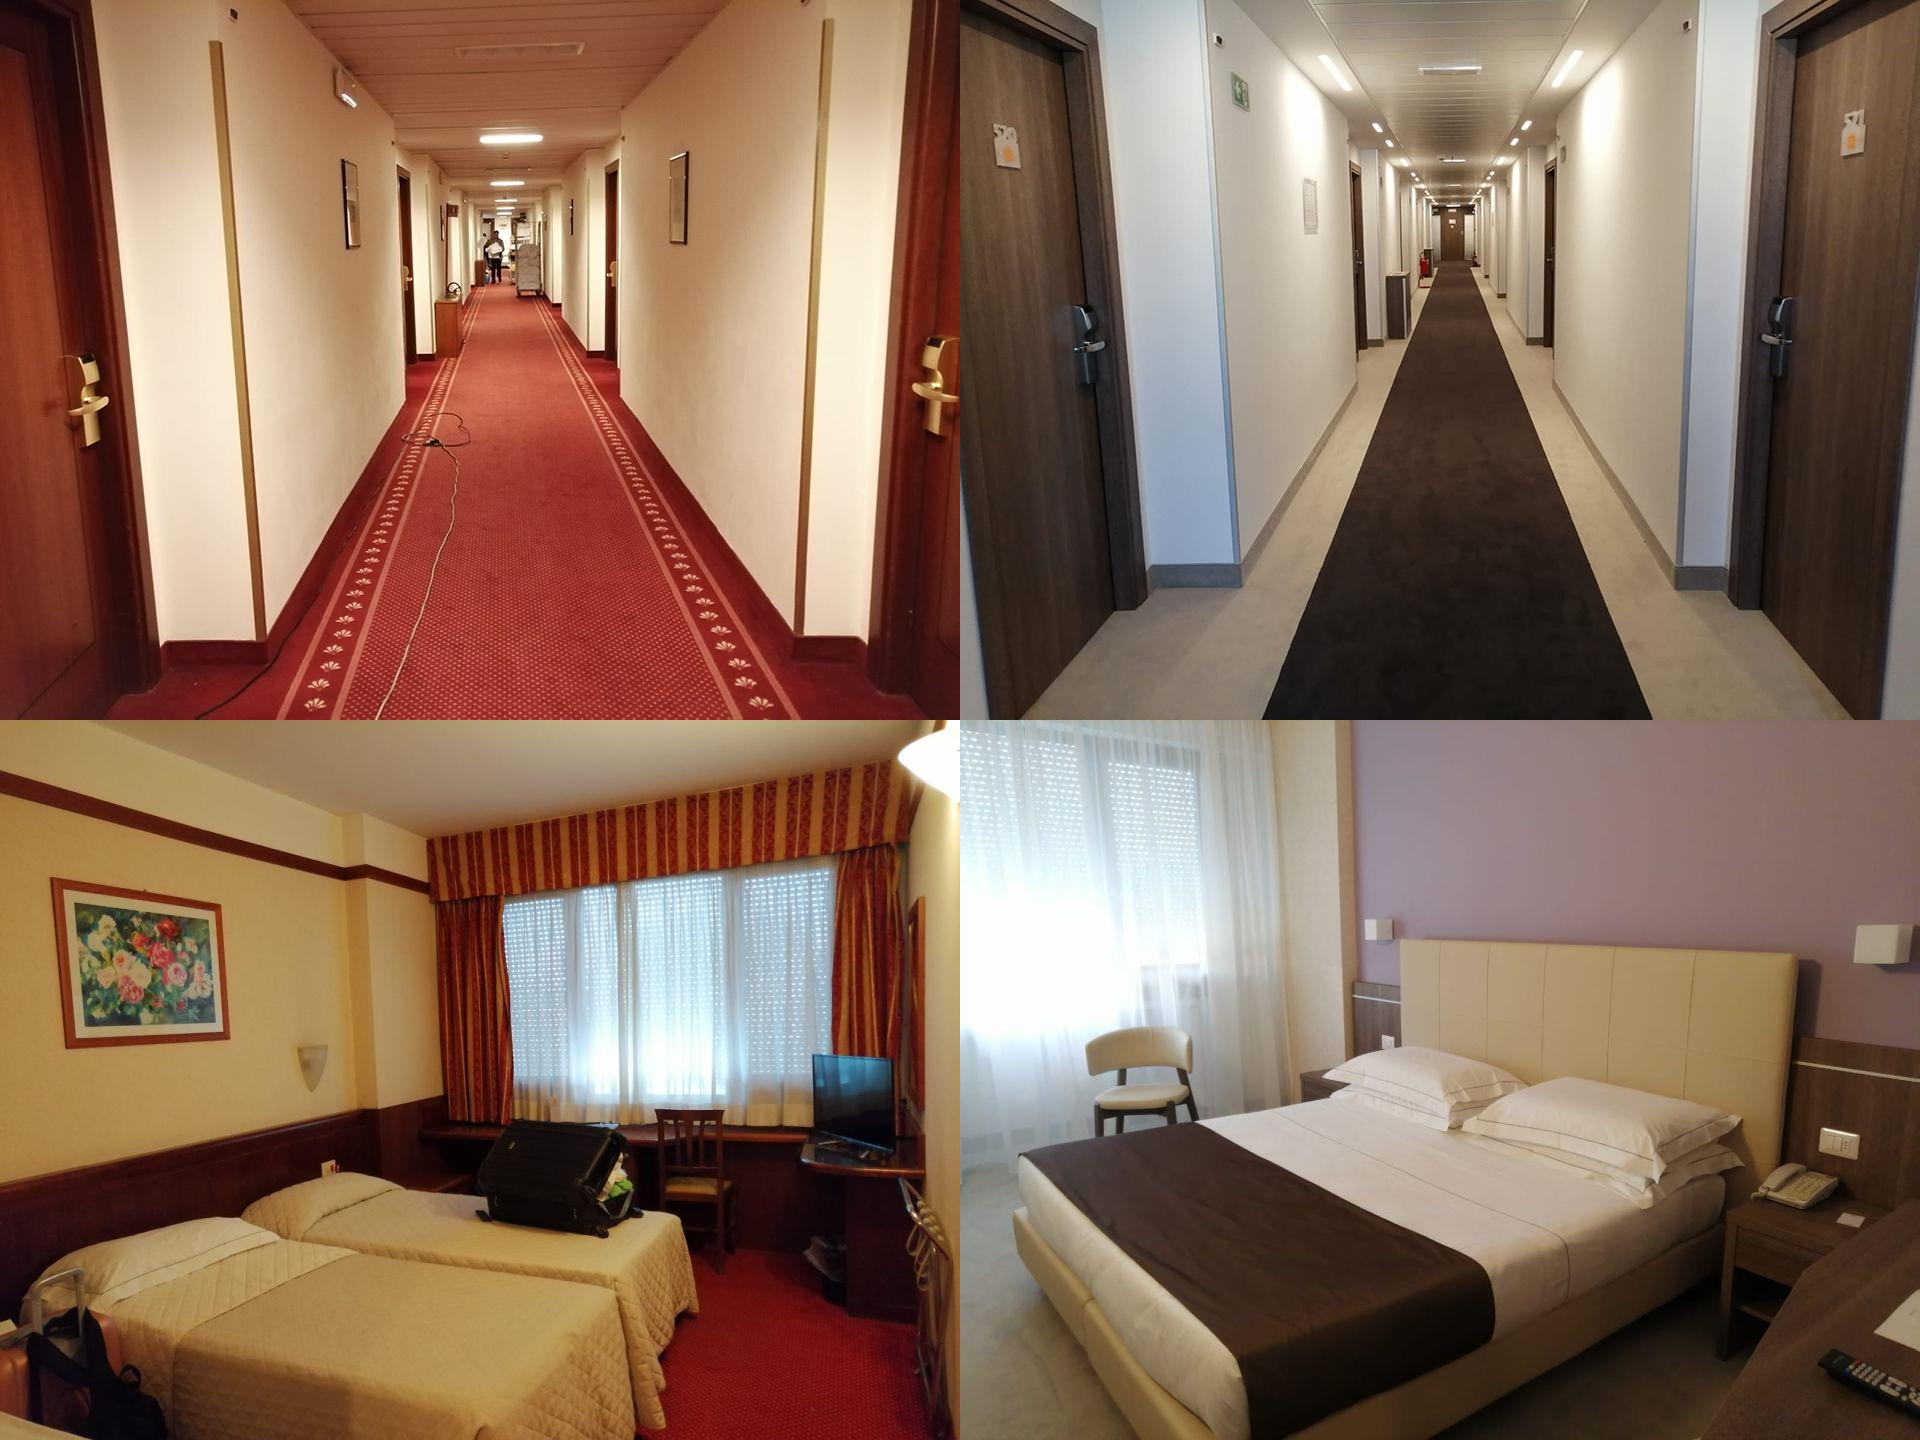 Hotel Raffaello Firenze Work 2020